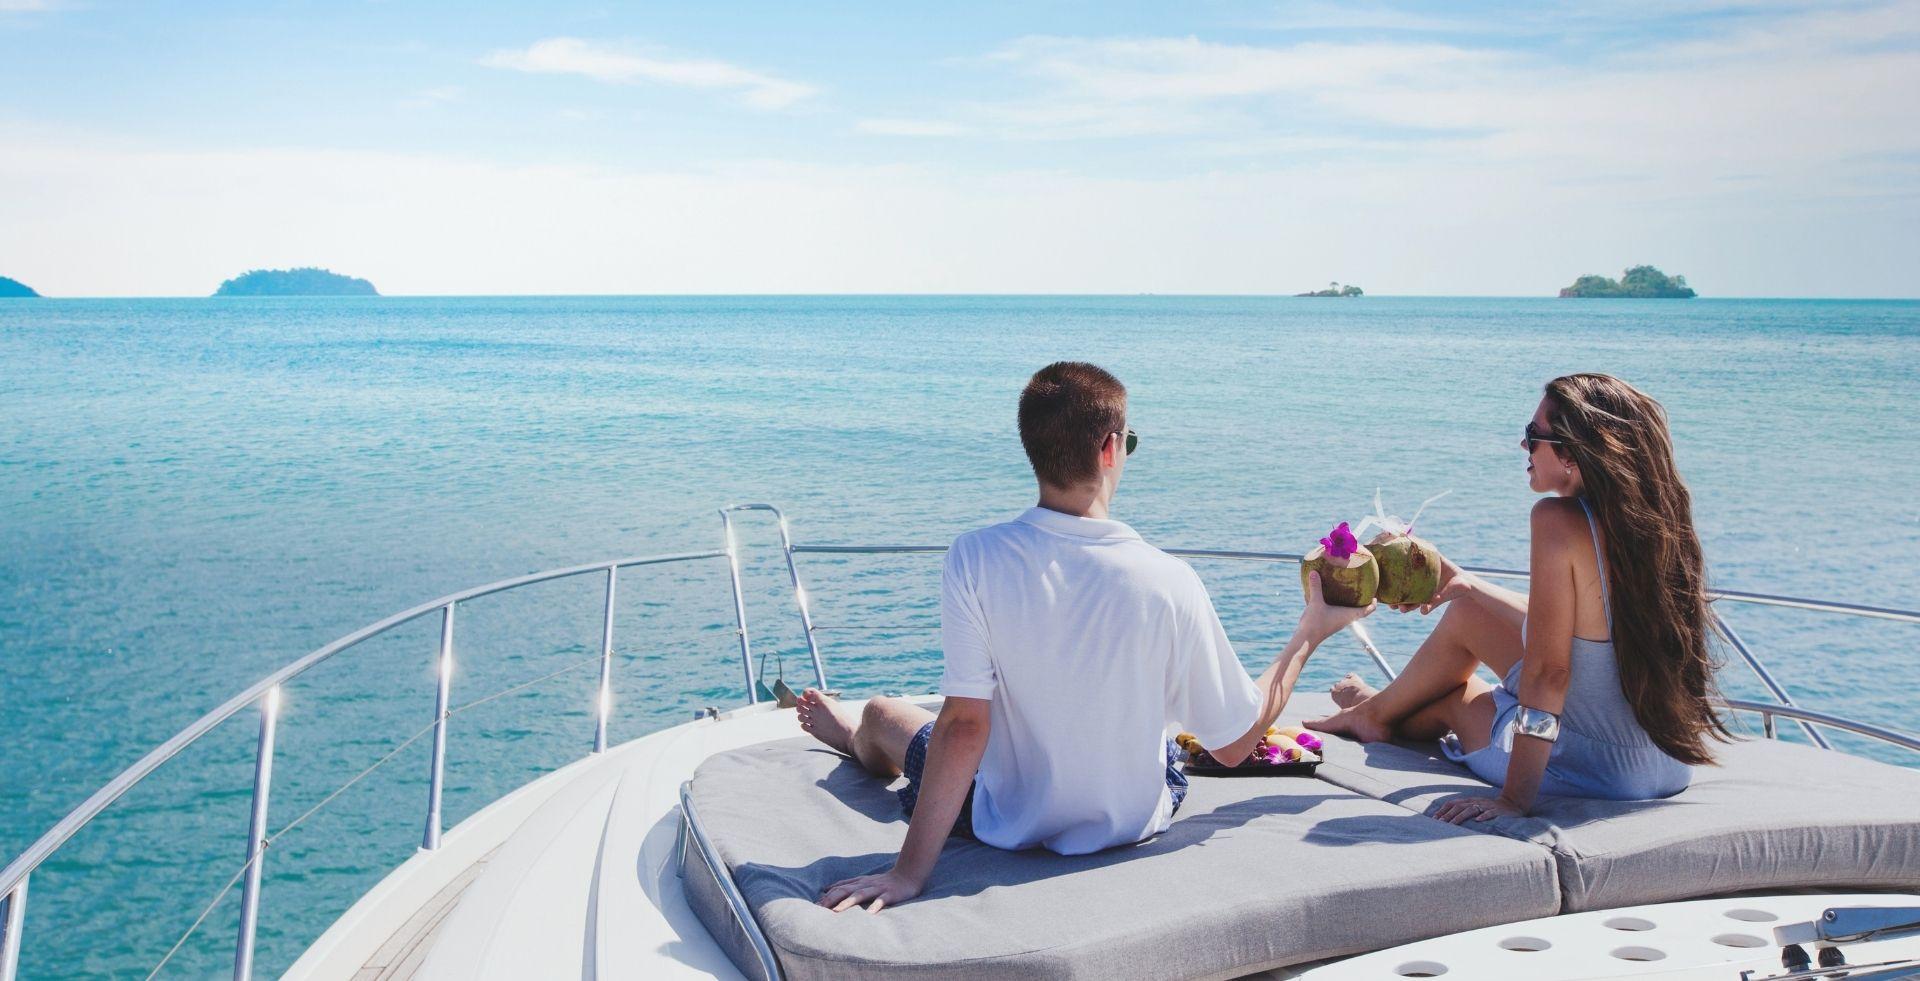 Pärchen auf Yacht mit Blick aufs Meer